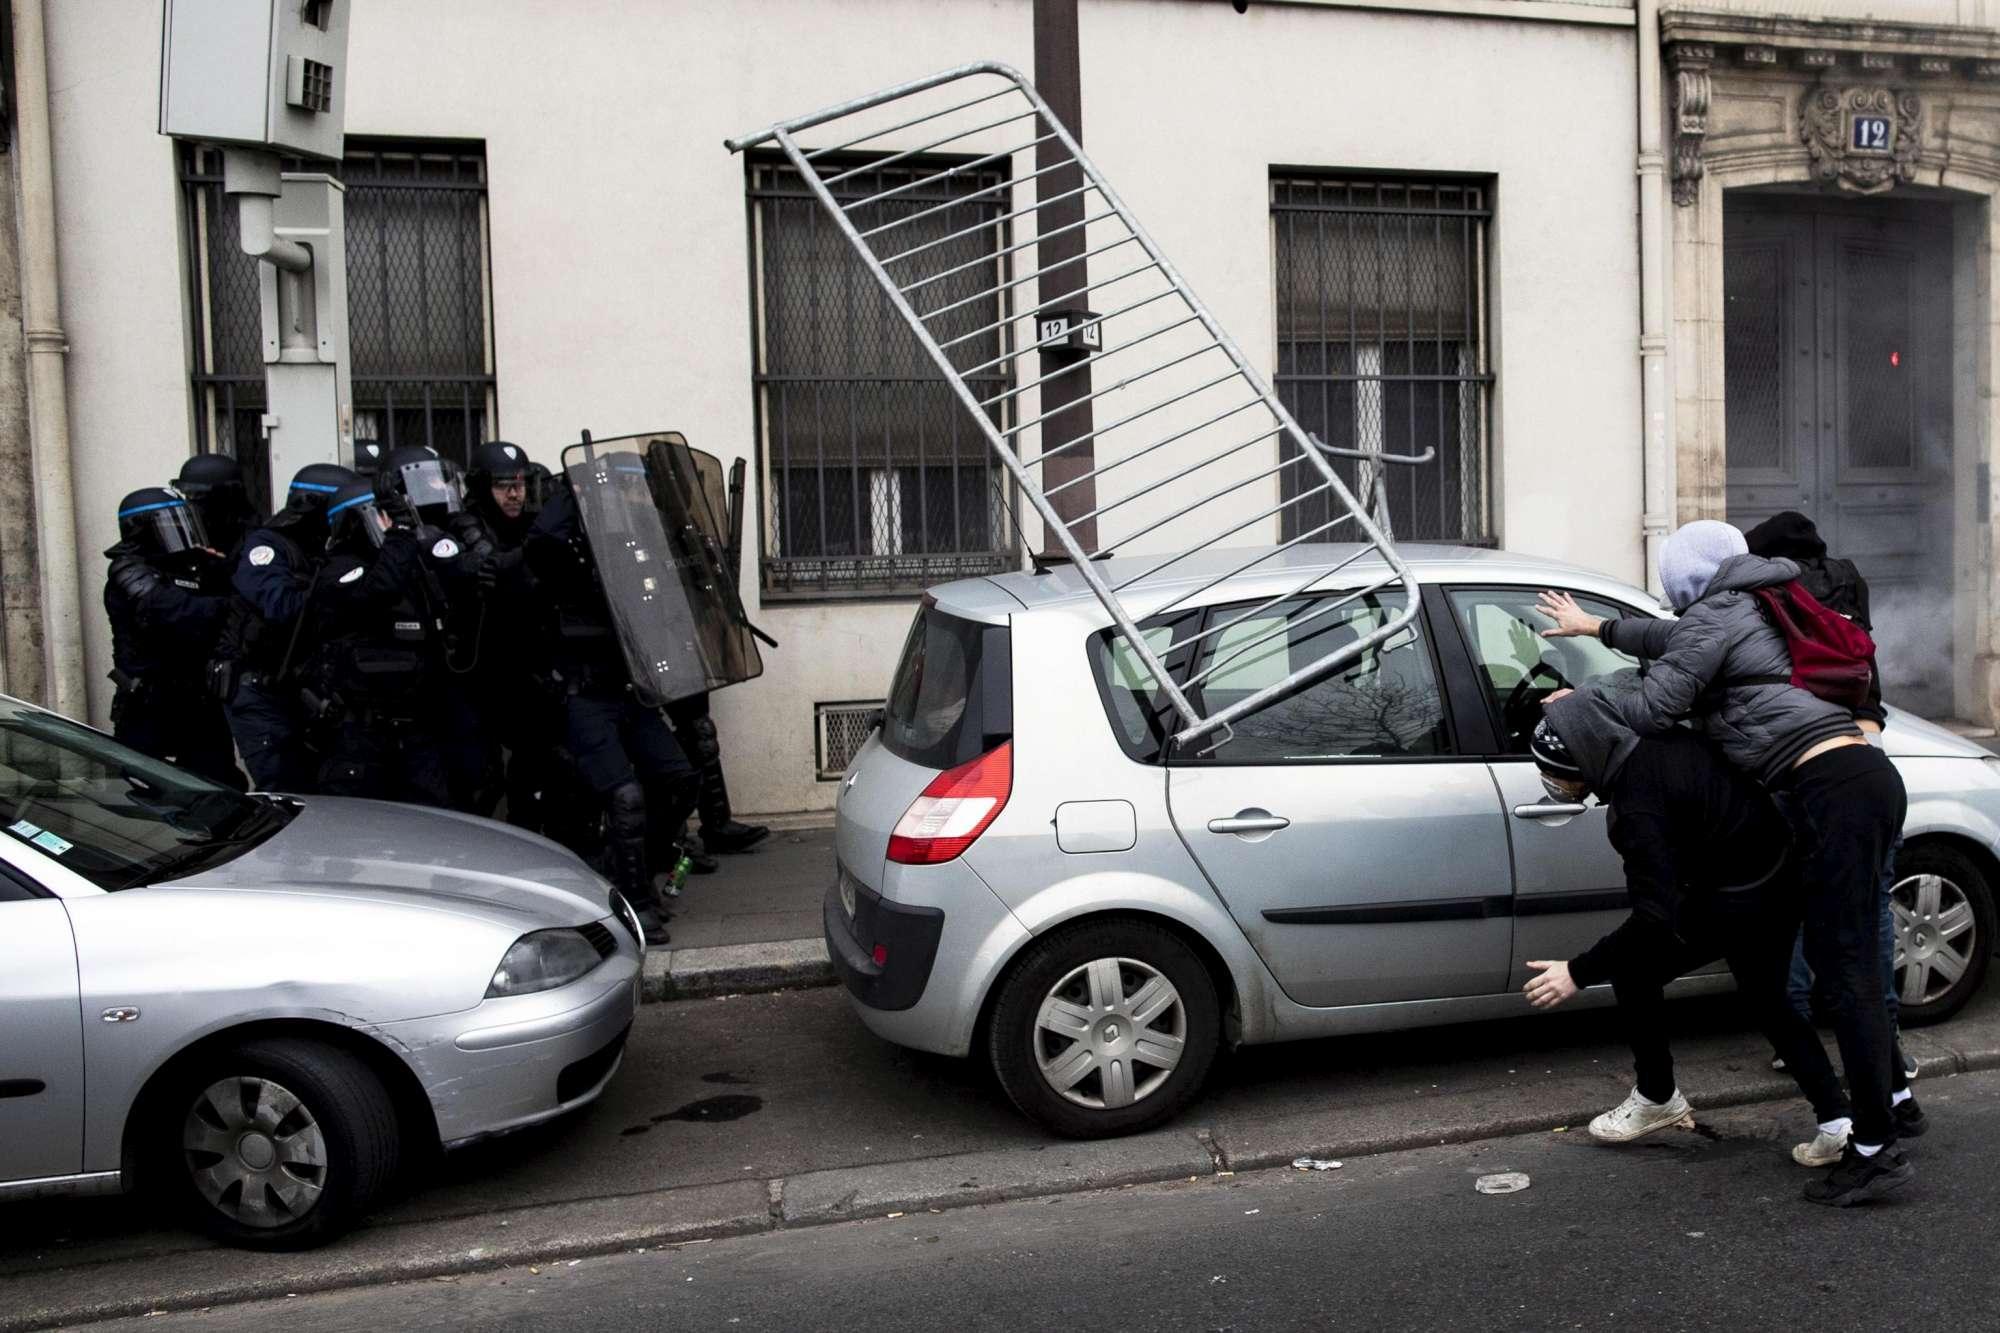 Francia, nuove proteste dei gilet gialli: polizia usa i lacrimogeni